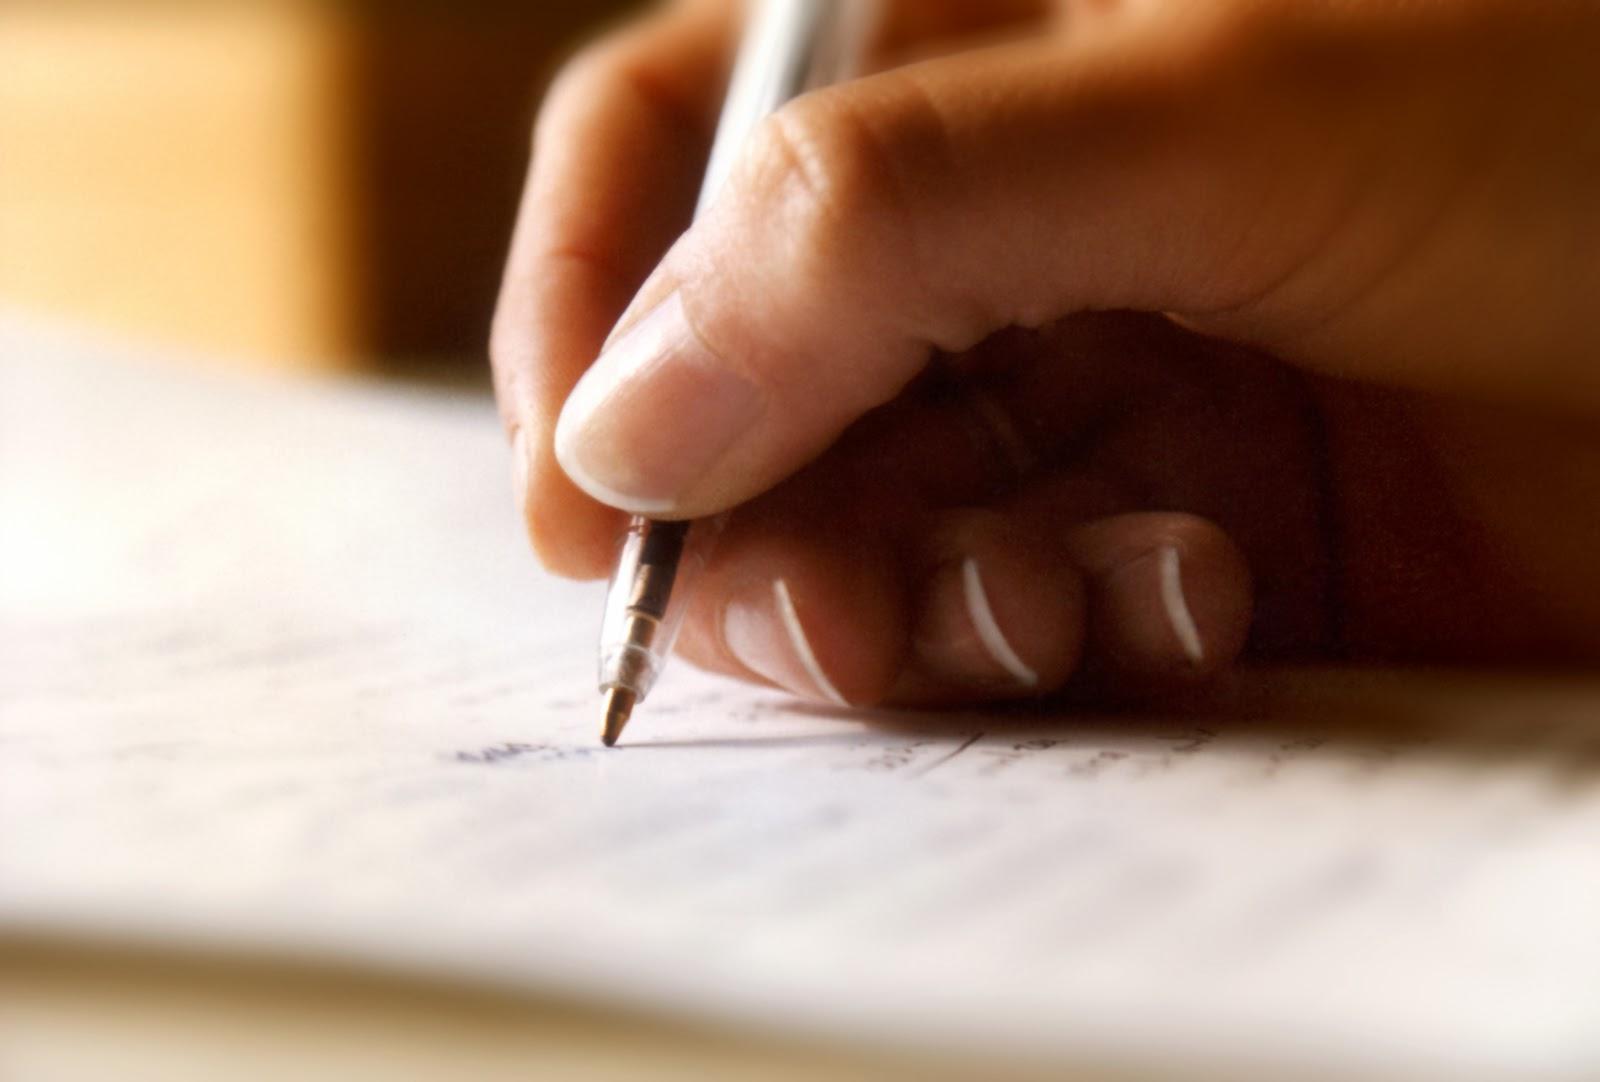 بالصور كيفية كتابة مقال , الخطوات الاساسية للمقال 5392 5